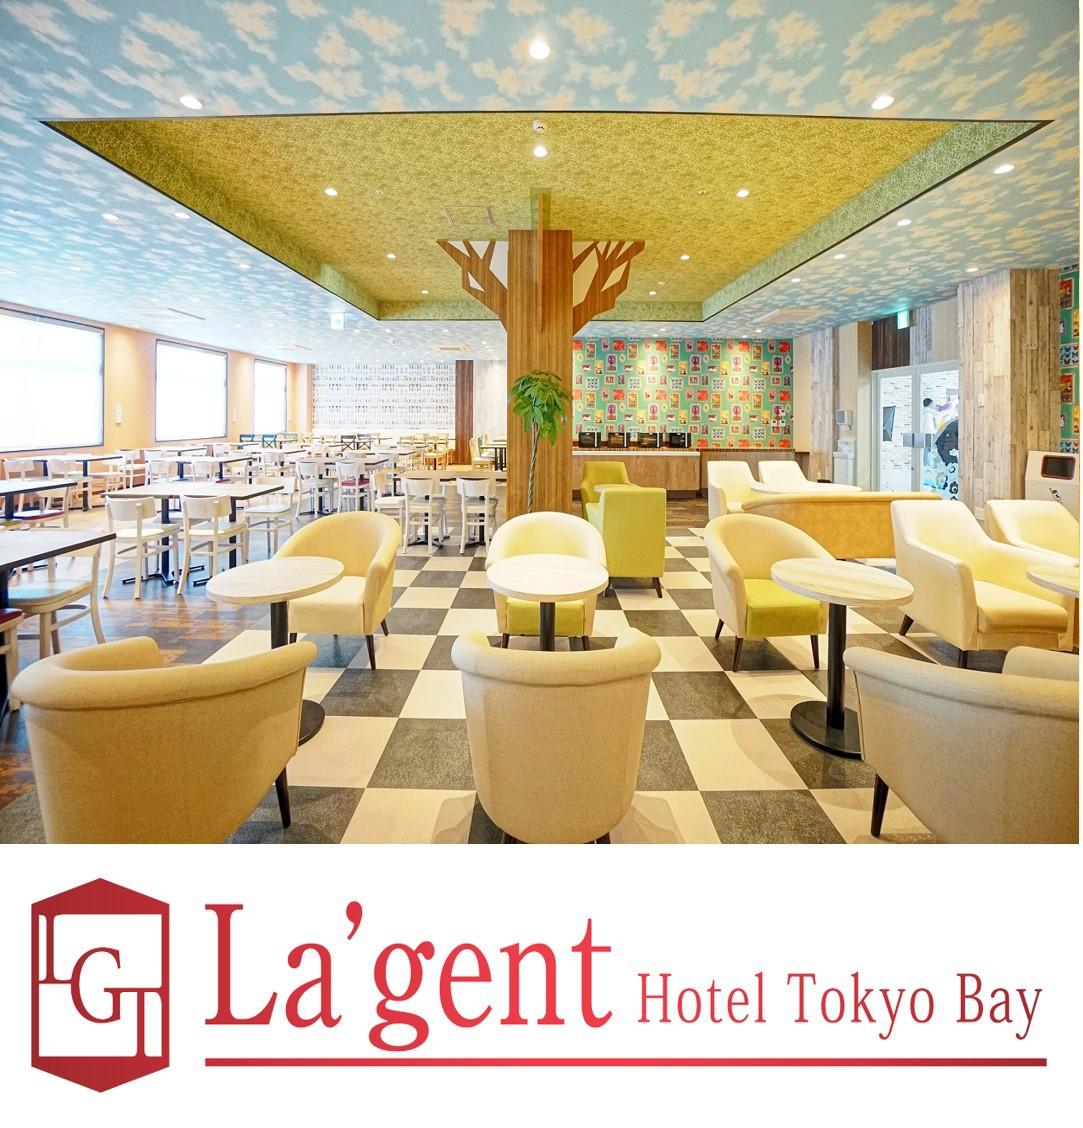 ラ・ジェント・ホテル東京ベイ 関連画像 4枚目 楽天トラベル提供